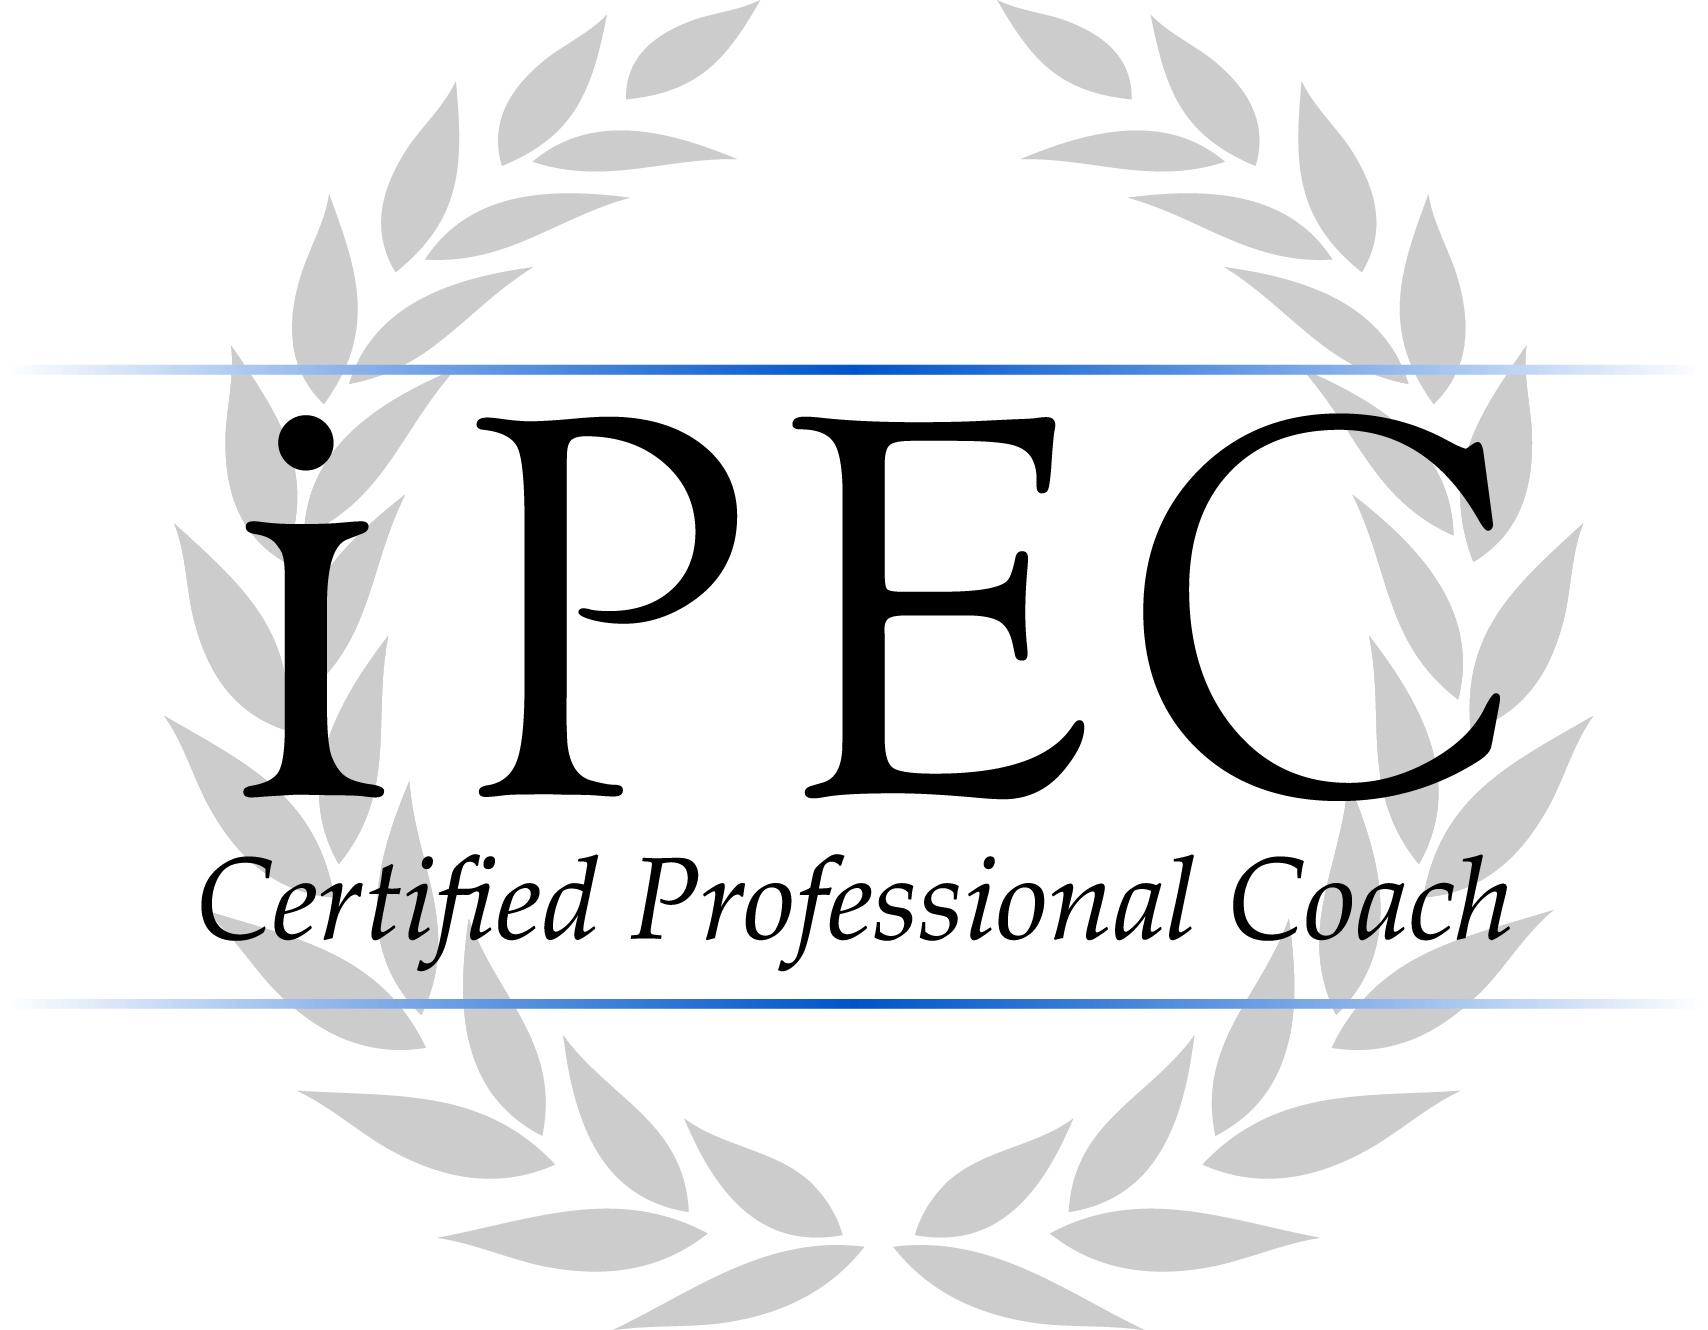 iPEC_Logo_CPC_HiRes.jpg